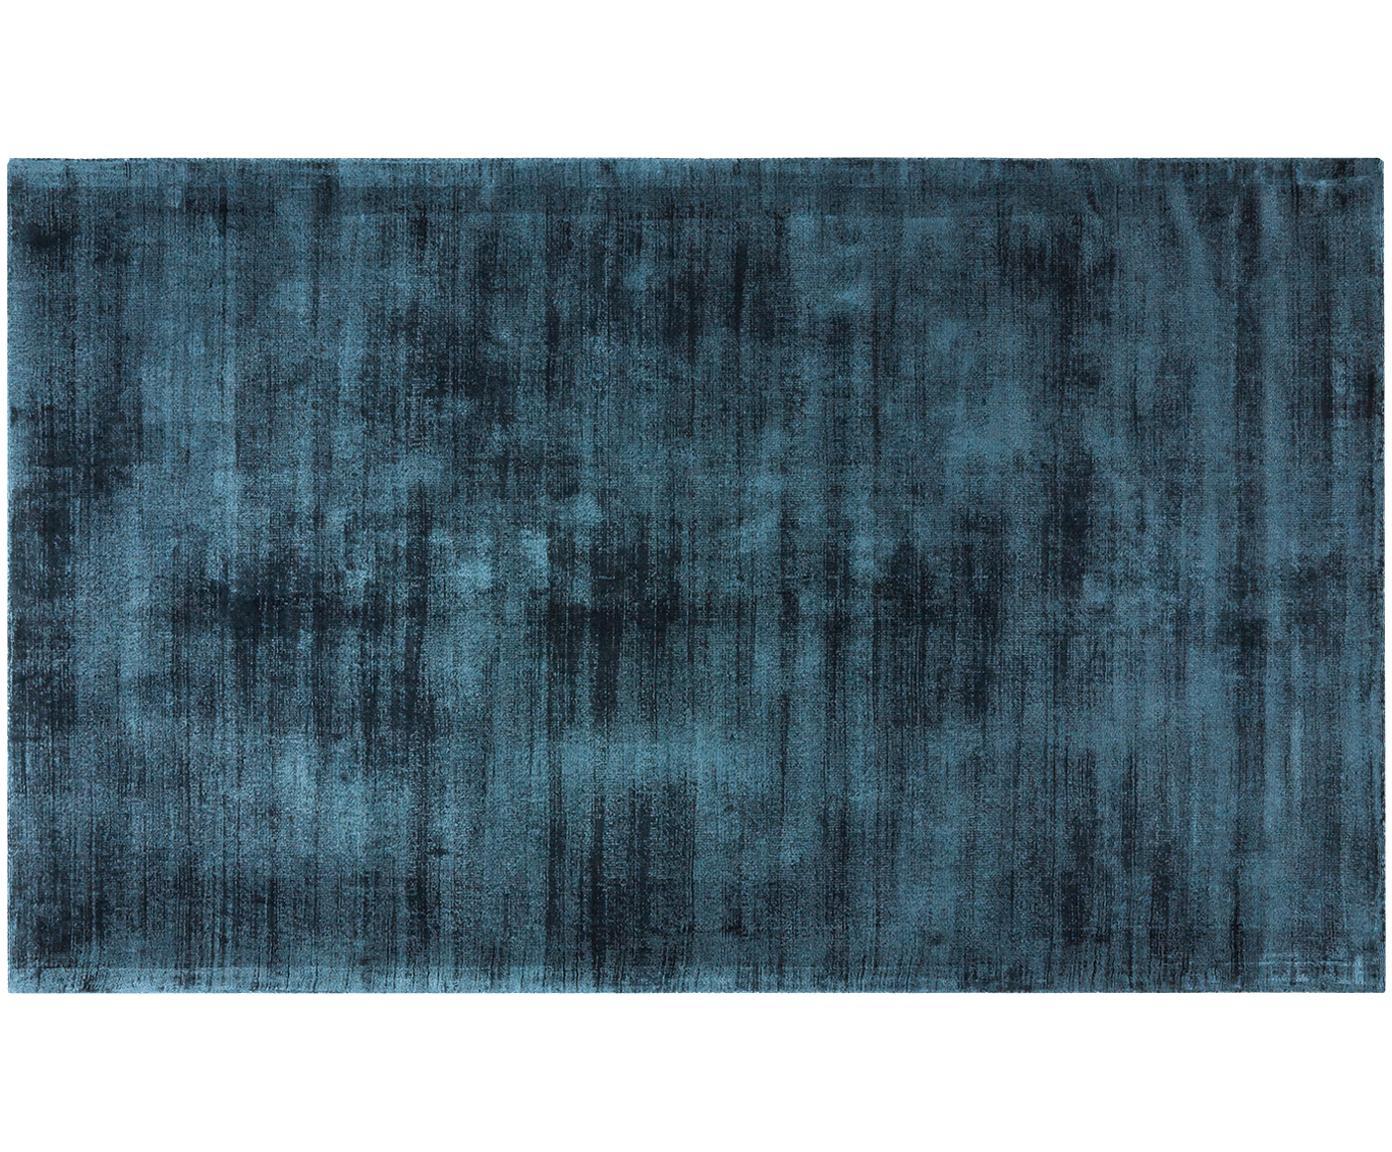 Handgeweven viscose vloerkleed Jane, Bovenzijde: 100% viscose, Onderzijde: 100% katoen, Petrol, 90 x 150 cm